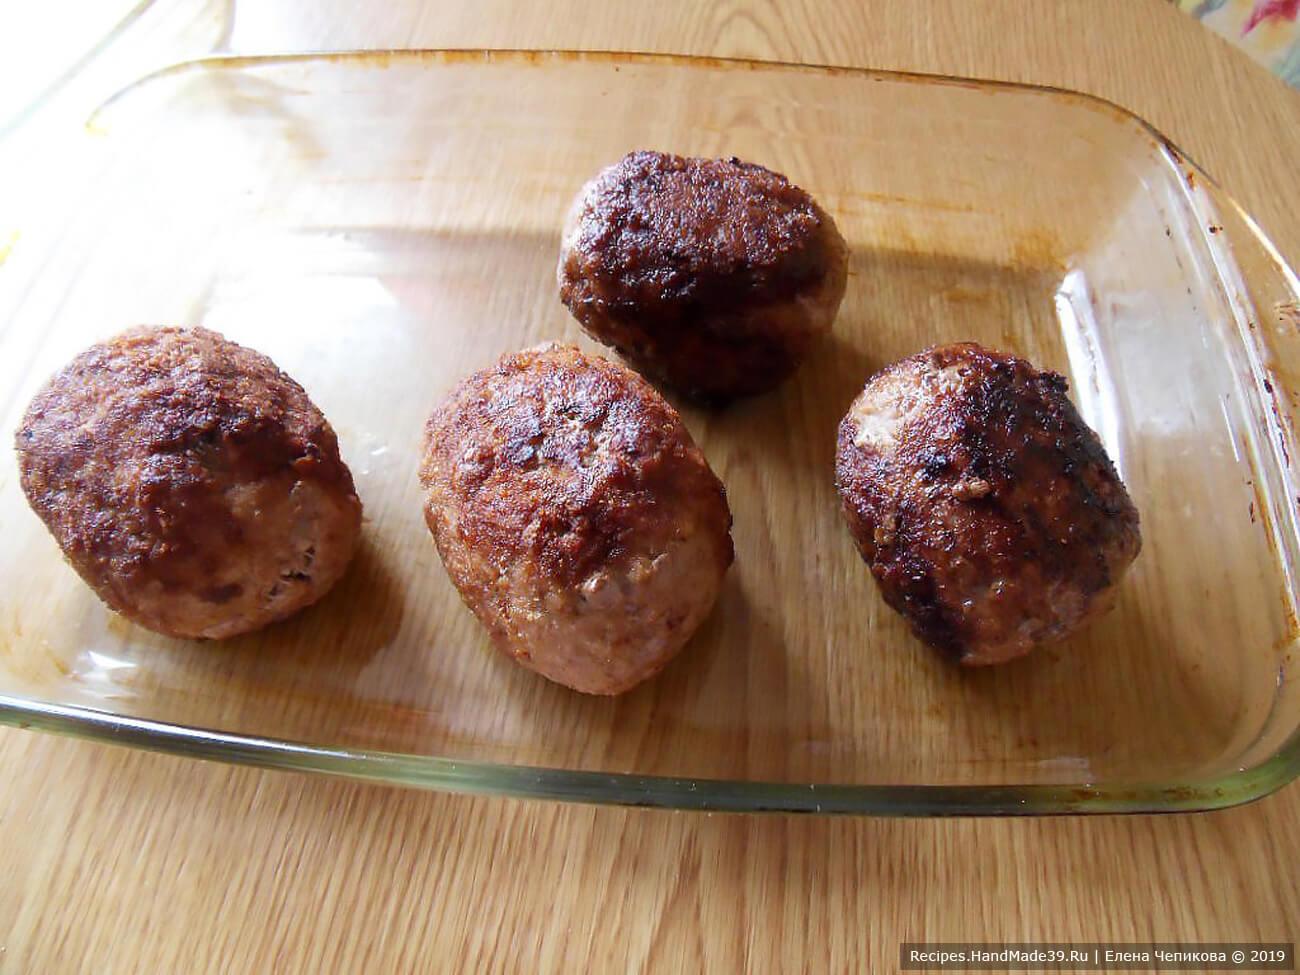 Выложить обжаренные яйца в форму, смазанную маслом, накрыть крышкой и довести до готовности в духовке при температуре 200 °C